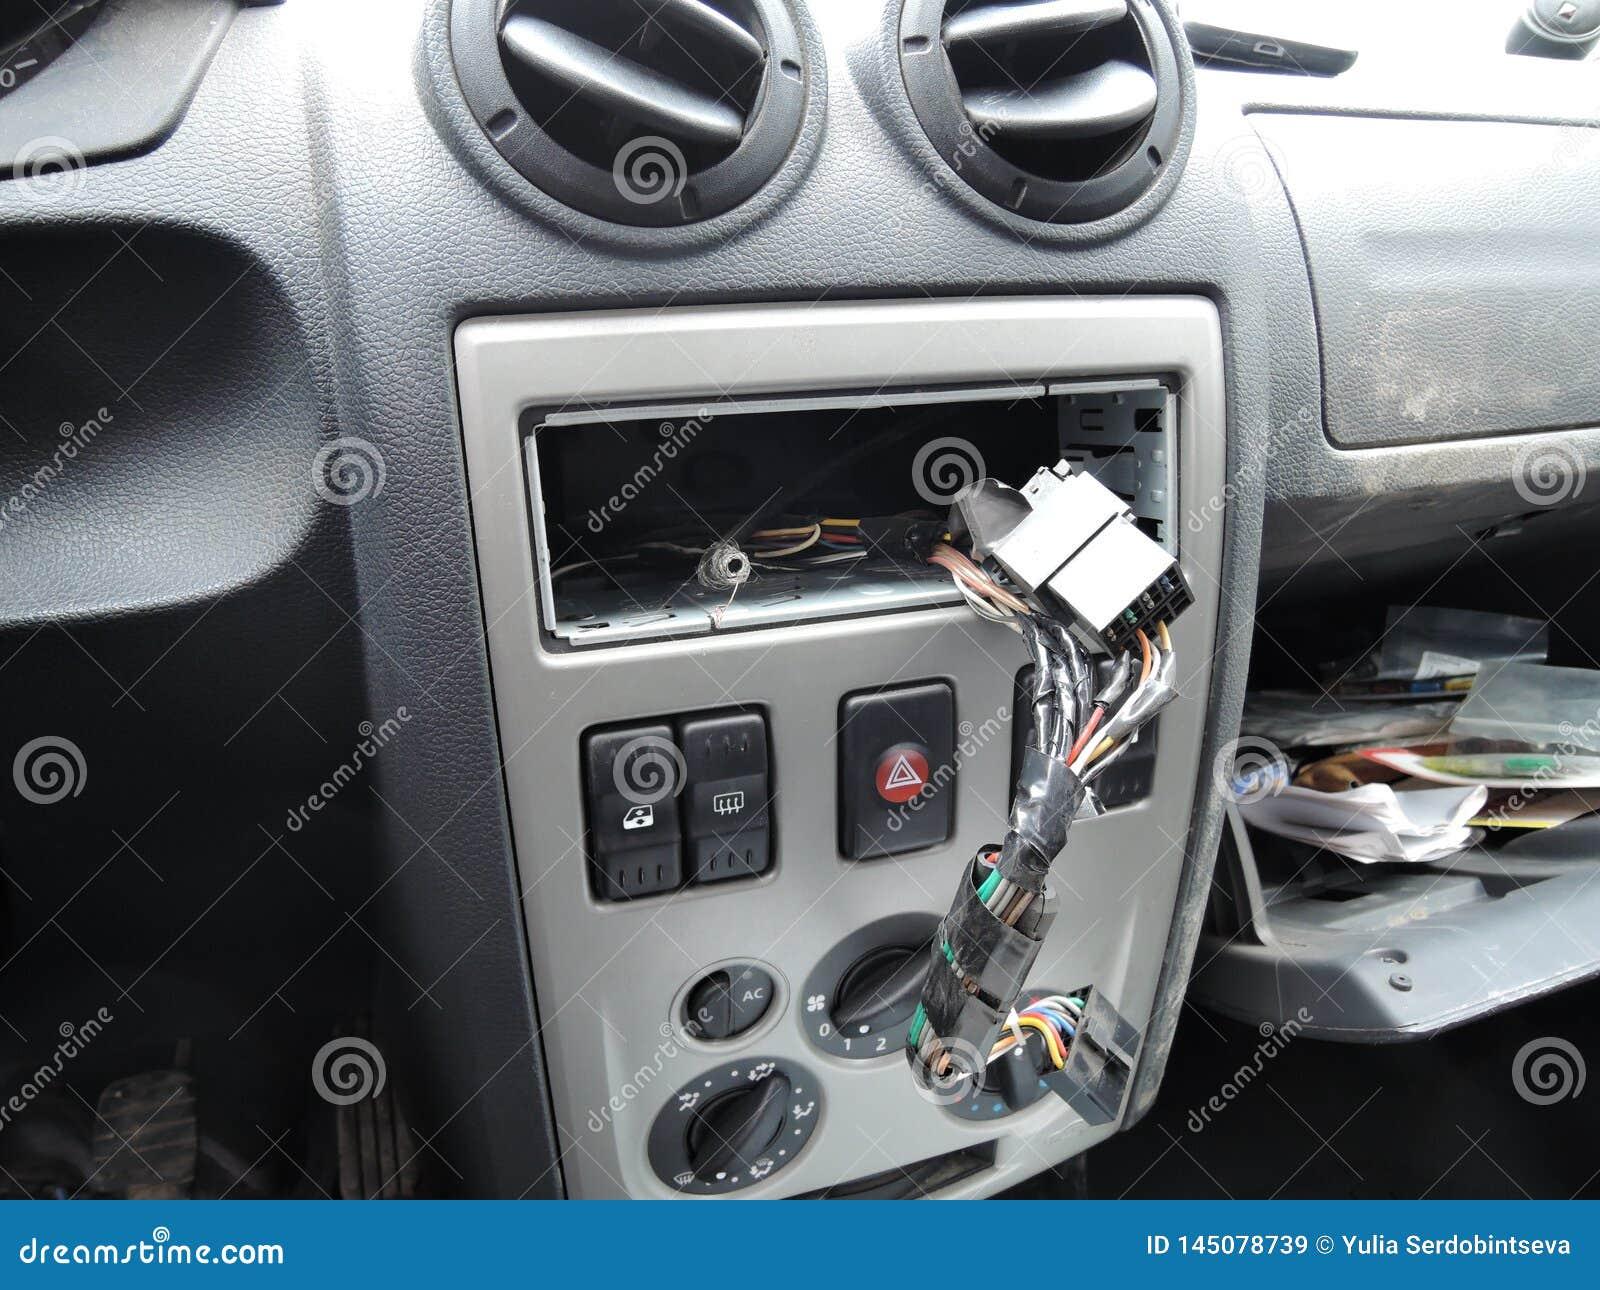 Painel do carro após o roubo do receptor audio